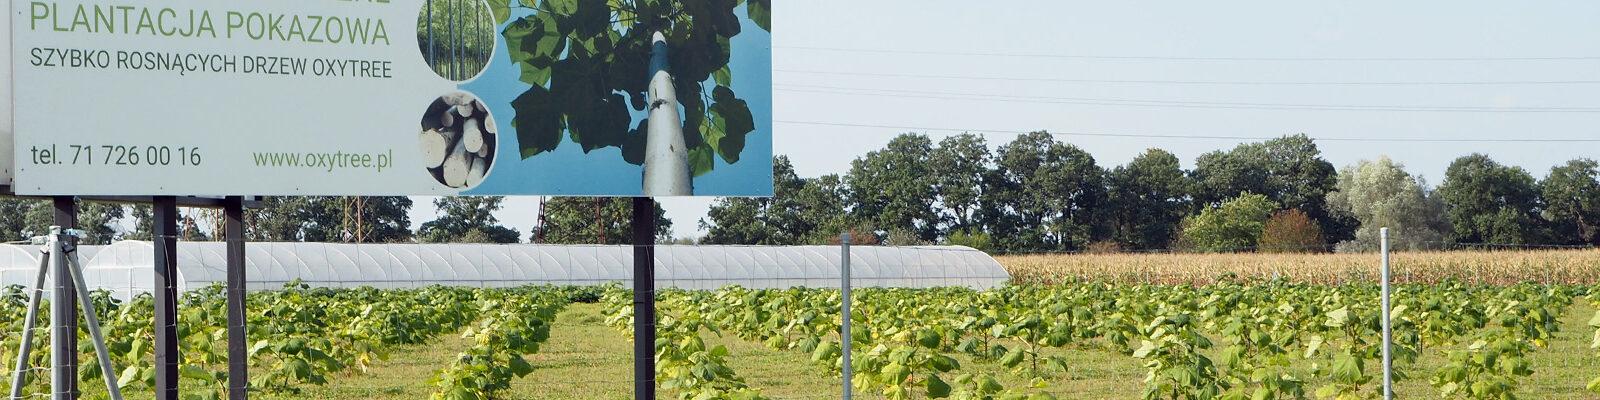 oxytree-firmowa-plantacja-katy-wroclawskie